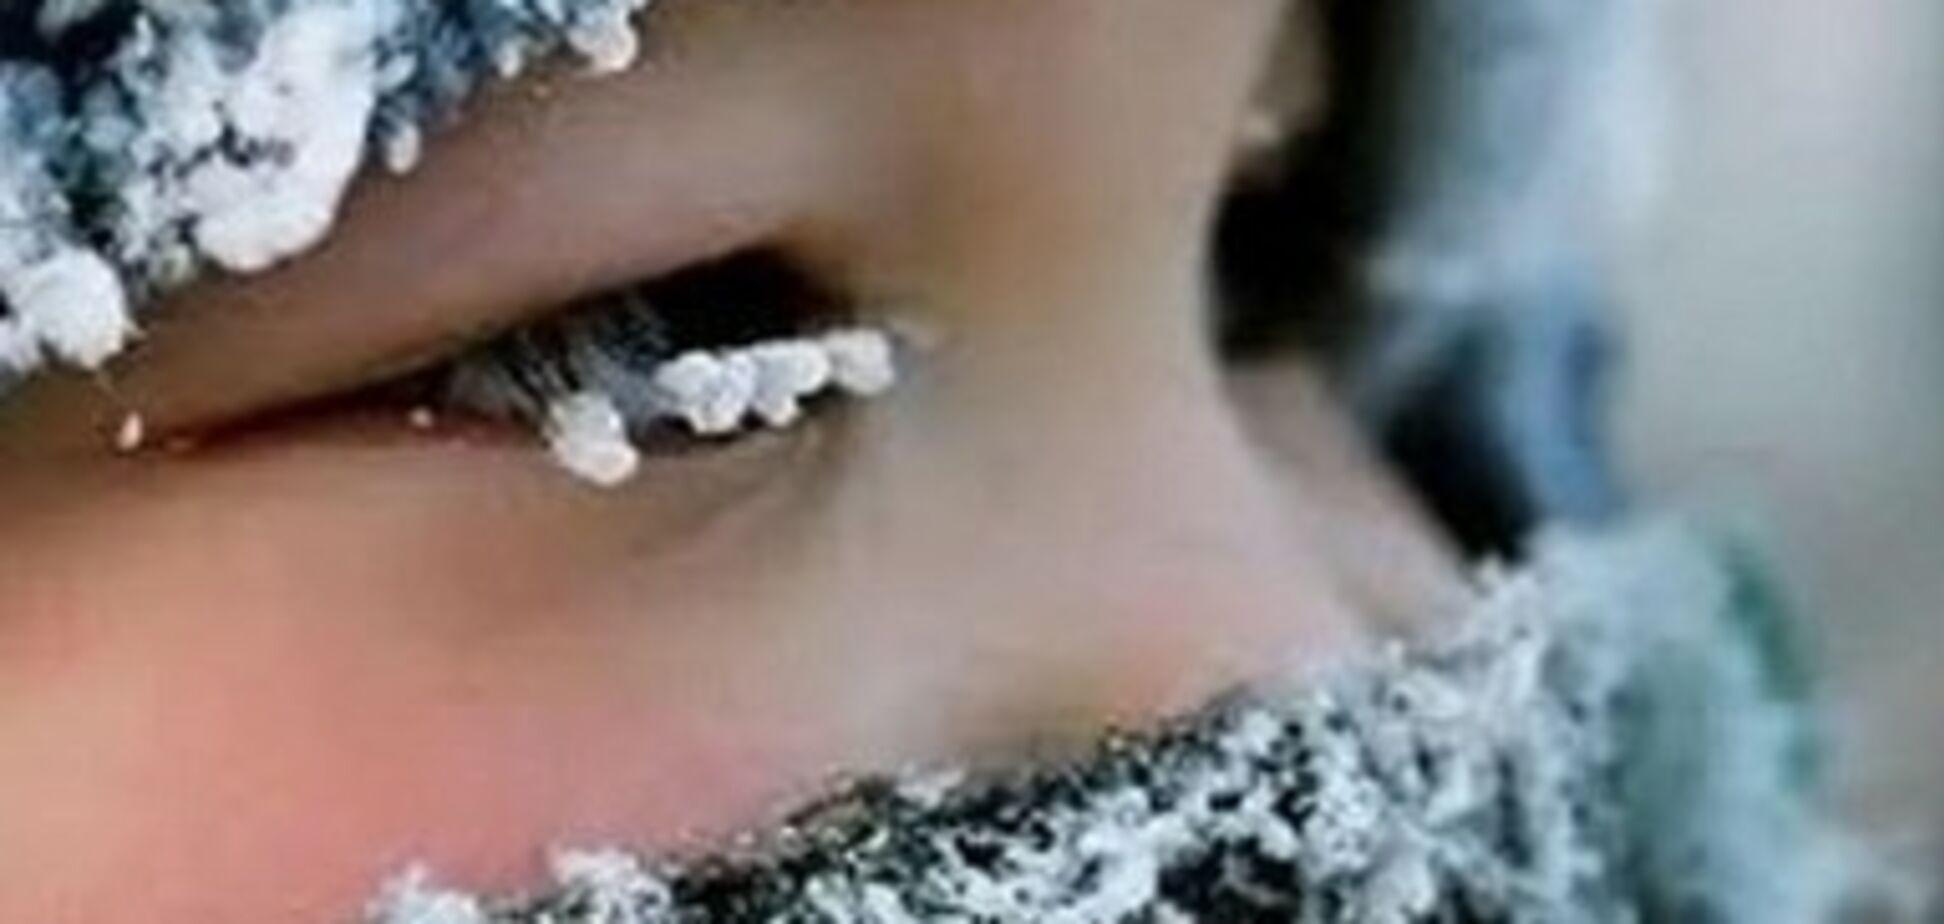 ''Слезы замерзли'': во Львове в детском саду произошел вопиющий инцидент с ребенком